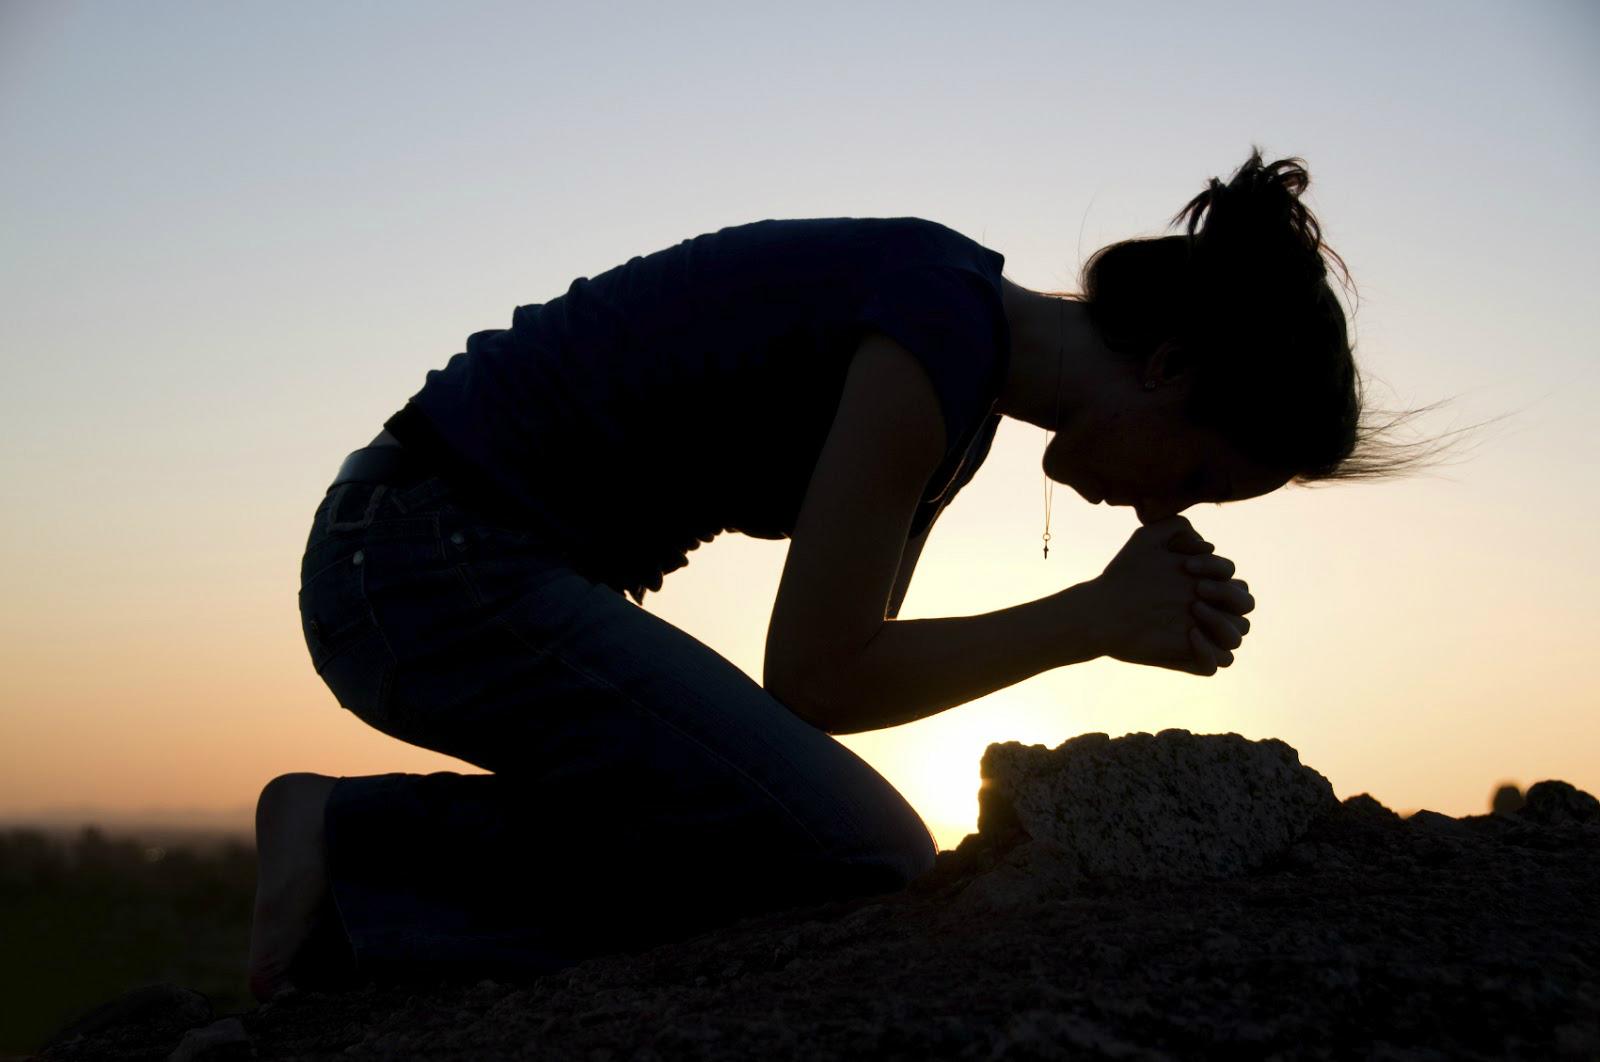 praying-girl-on-knees